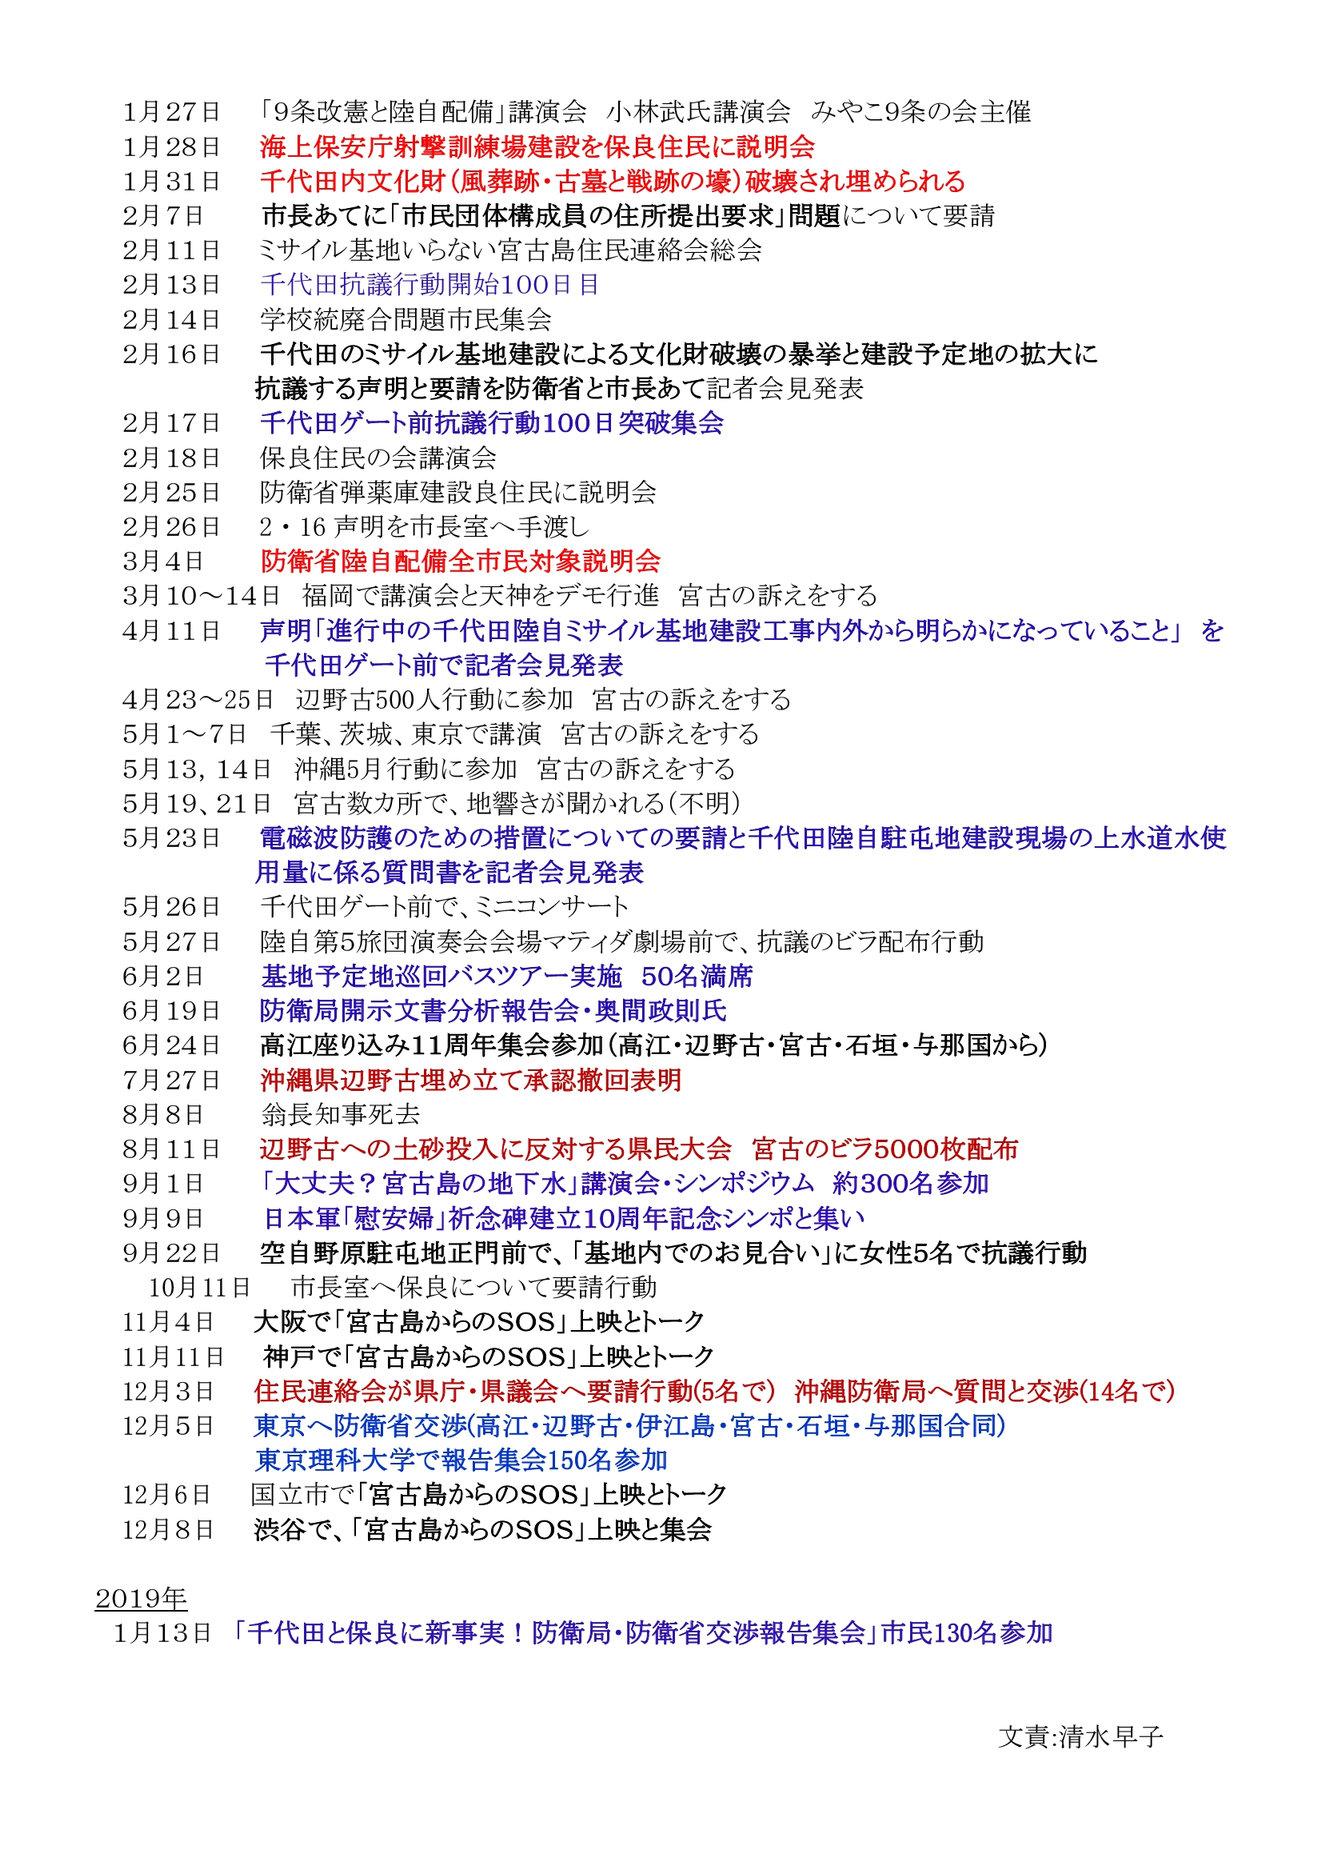 年表:宮古島における反軍反基地の闘い2010~2018 (1)0009[1]